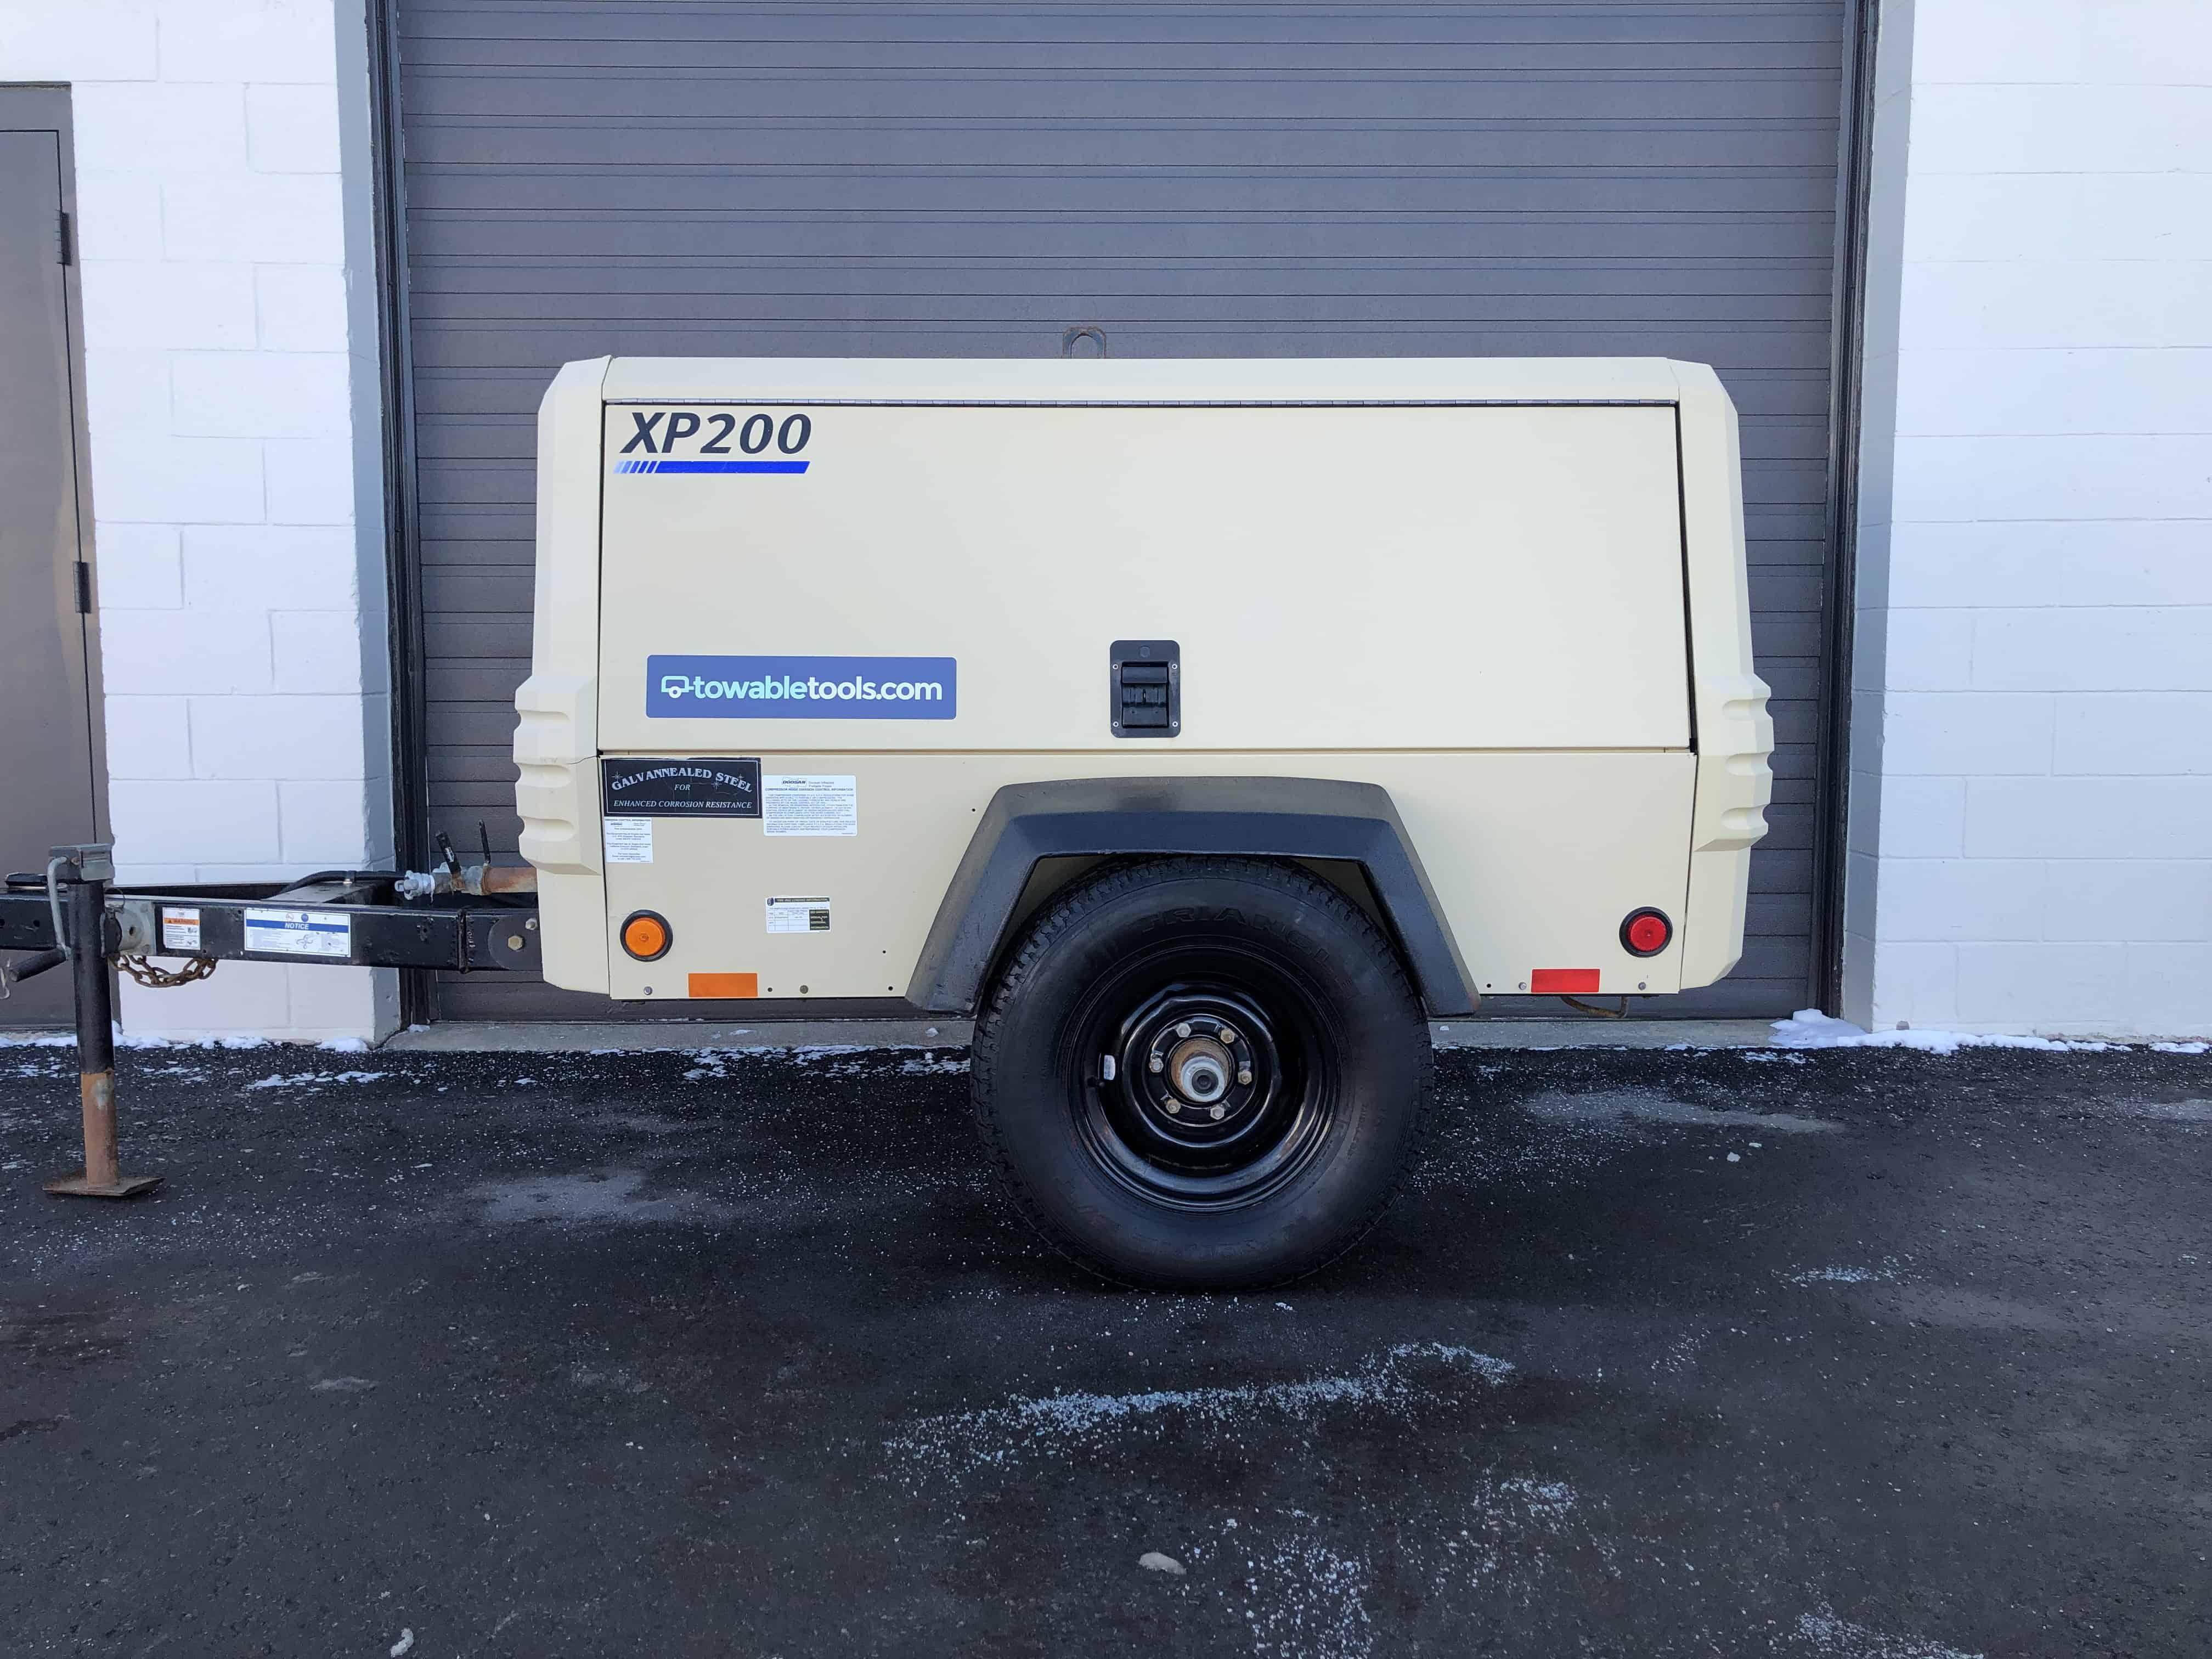 Used Doosan XP200 200 cfm Air Compressor For Sale - Towable Tools Alberta Canada